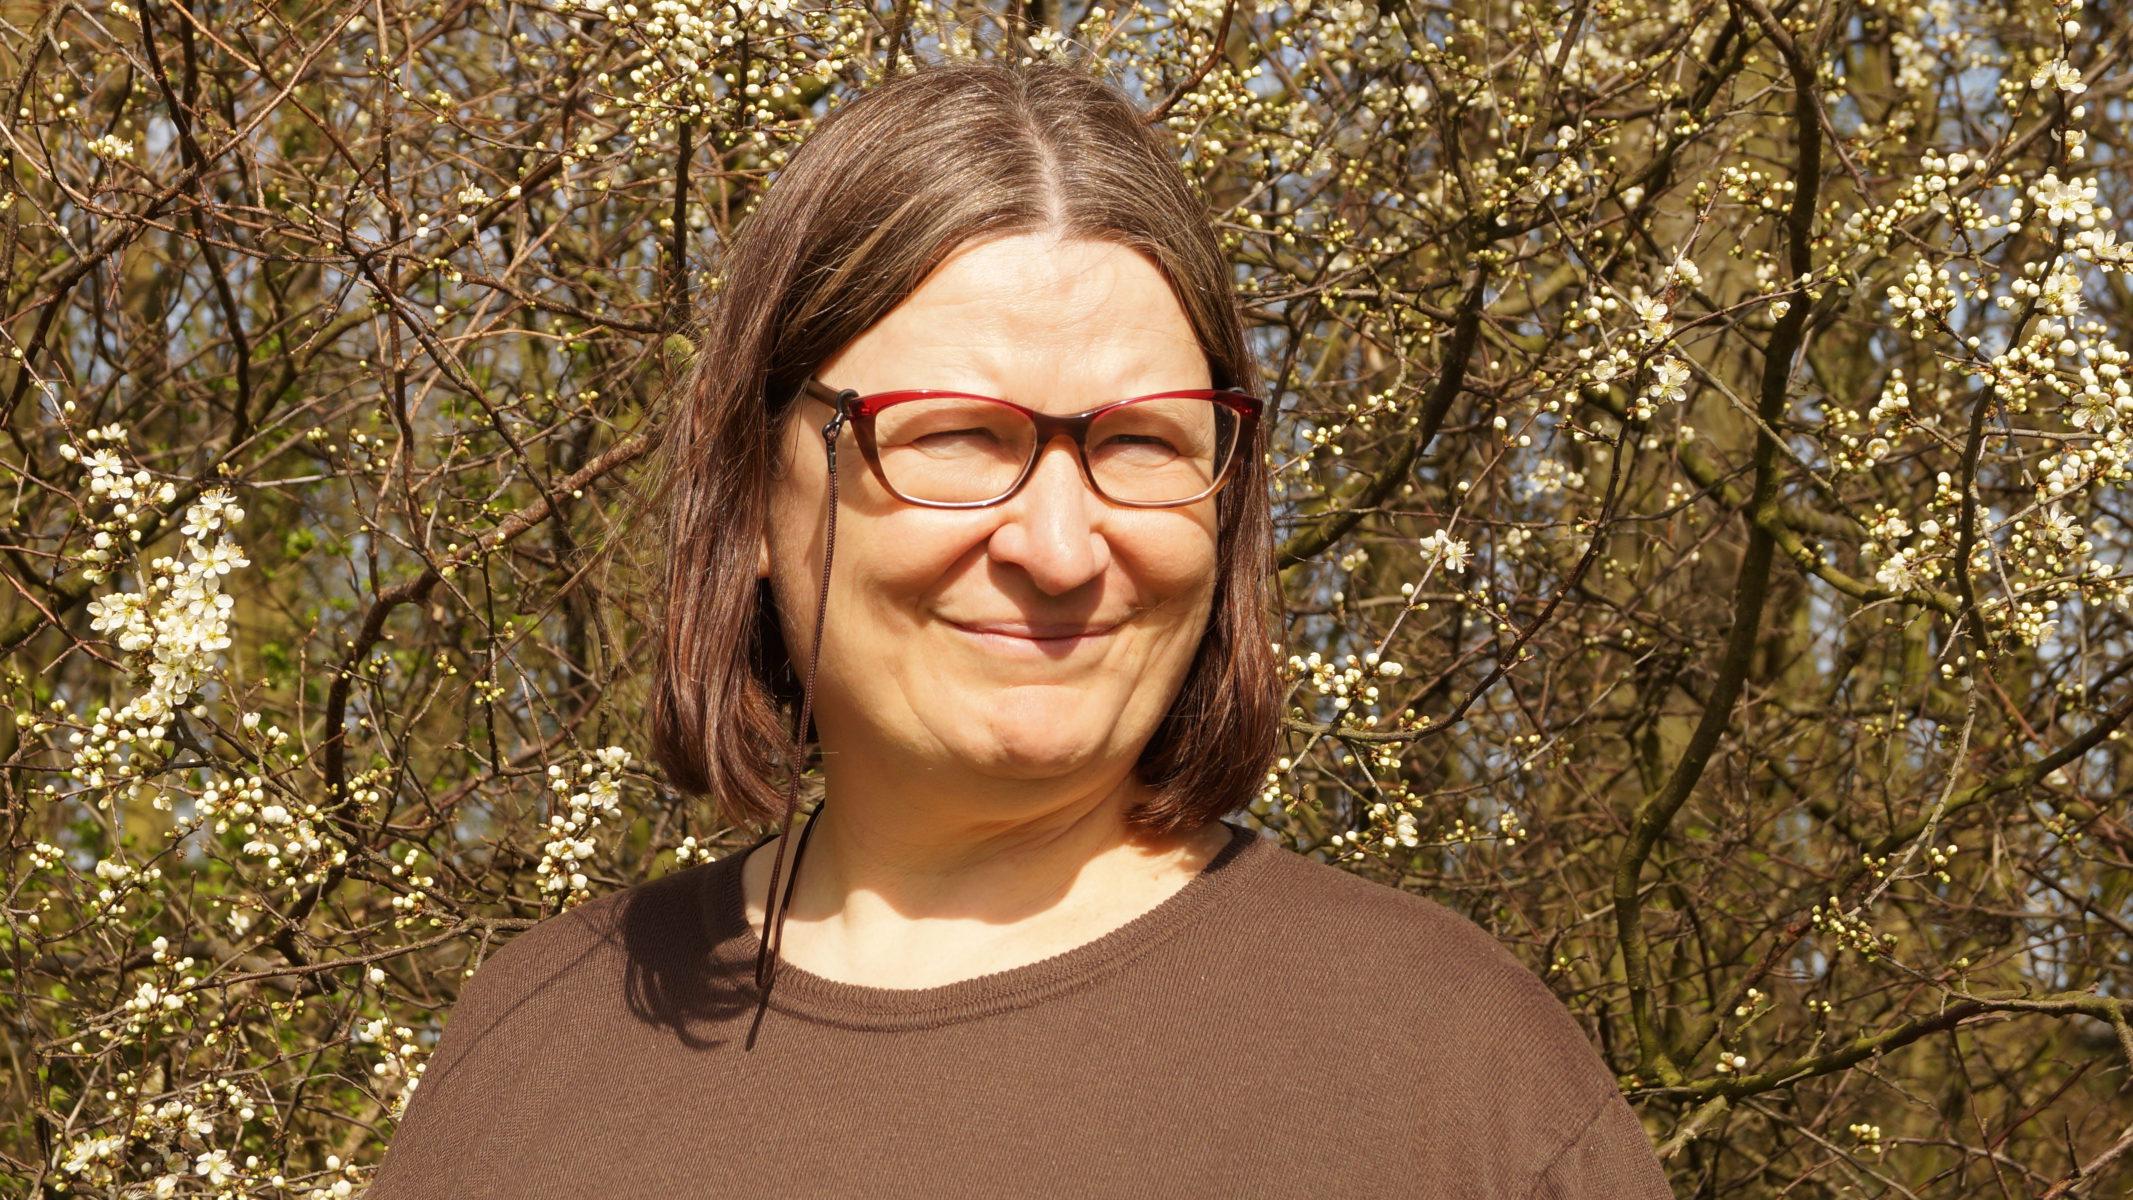 Samen met de natuur de wereldbevolking voeden - met Myriam Dumortier